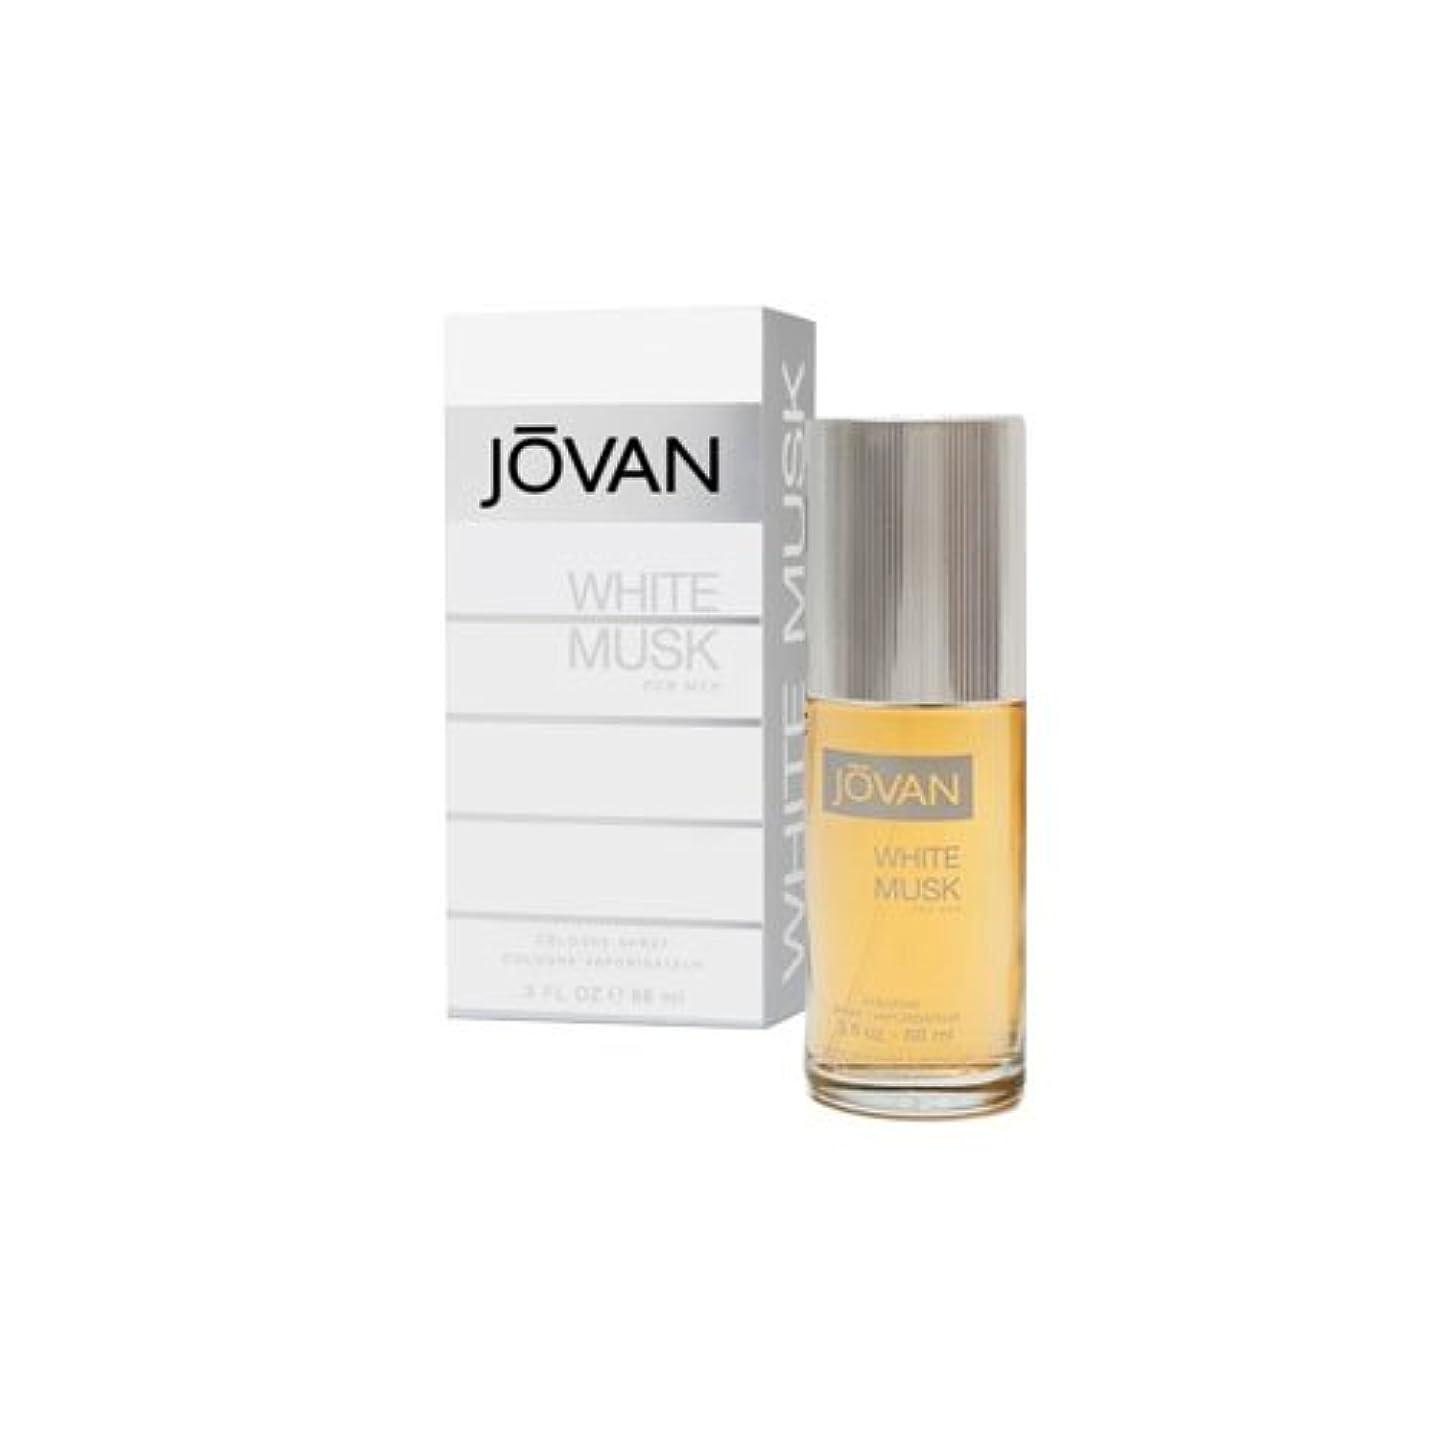 渇き到着するシロクマJOVAN ジョーバン ホワイト ムスク フォーメン 88ml メンズ 香水 (並行輸入品)